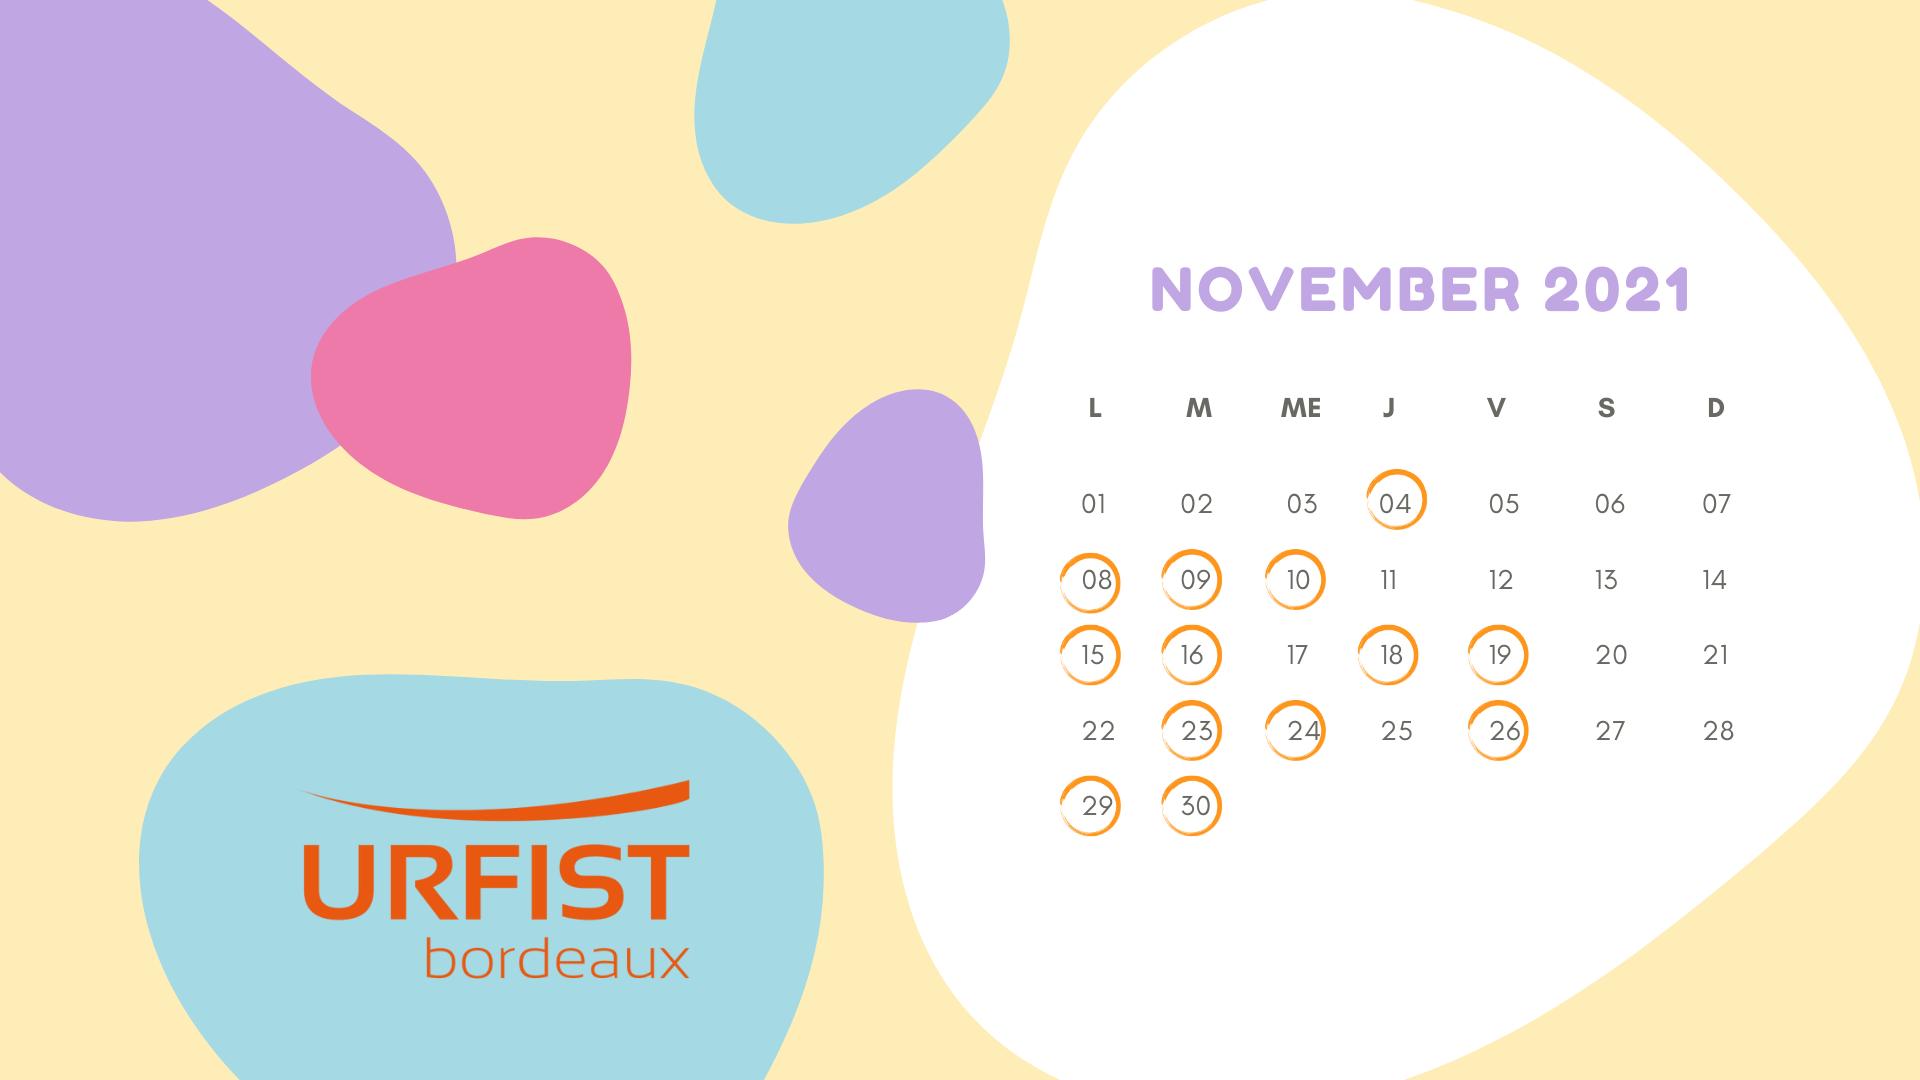 Calendrier du mois de novembre 2021 avec les dates des formations